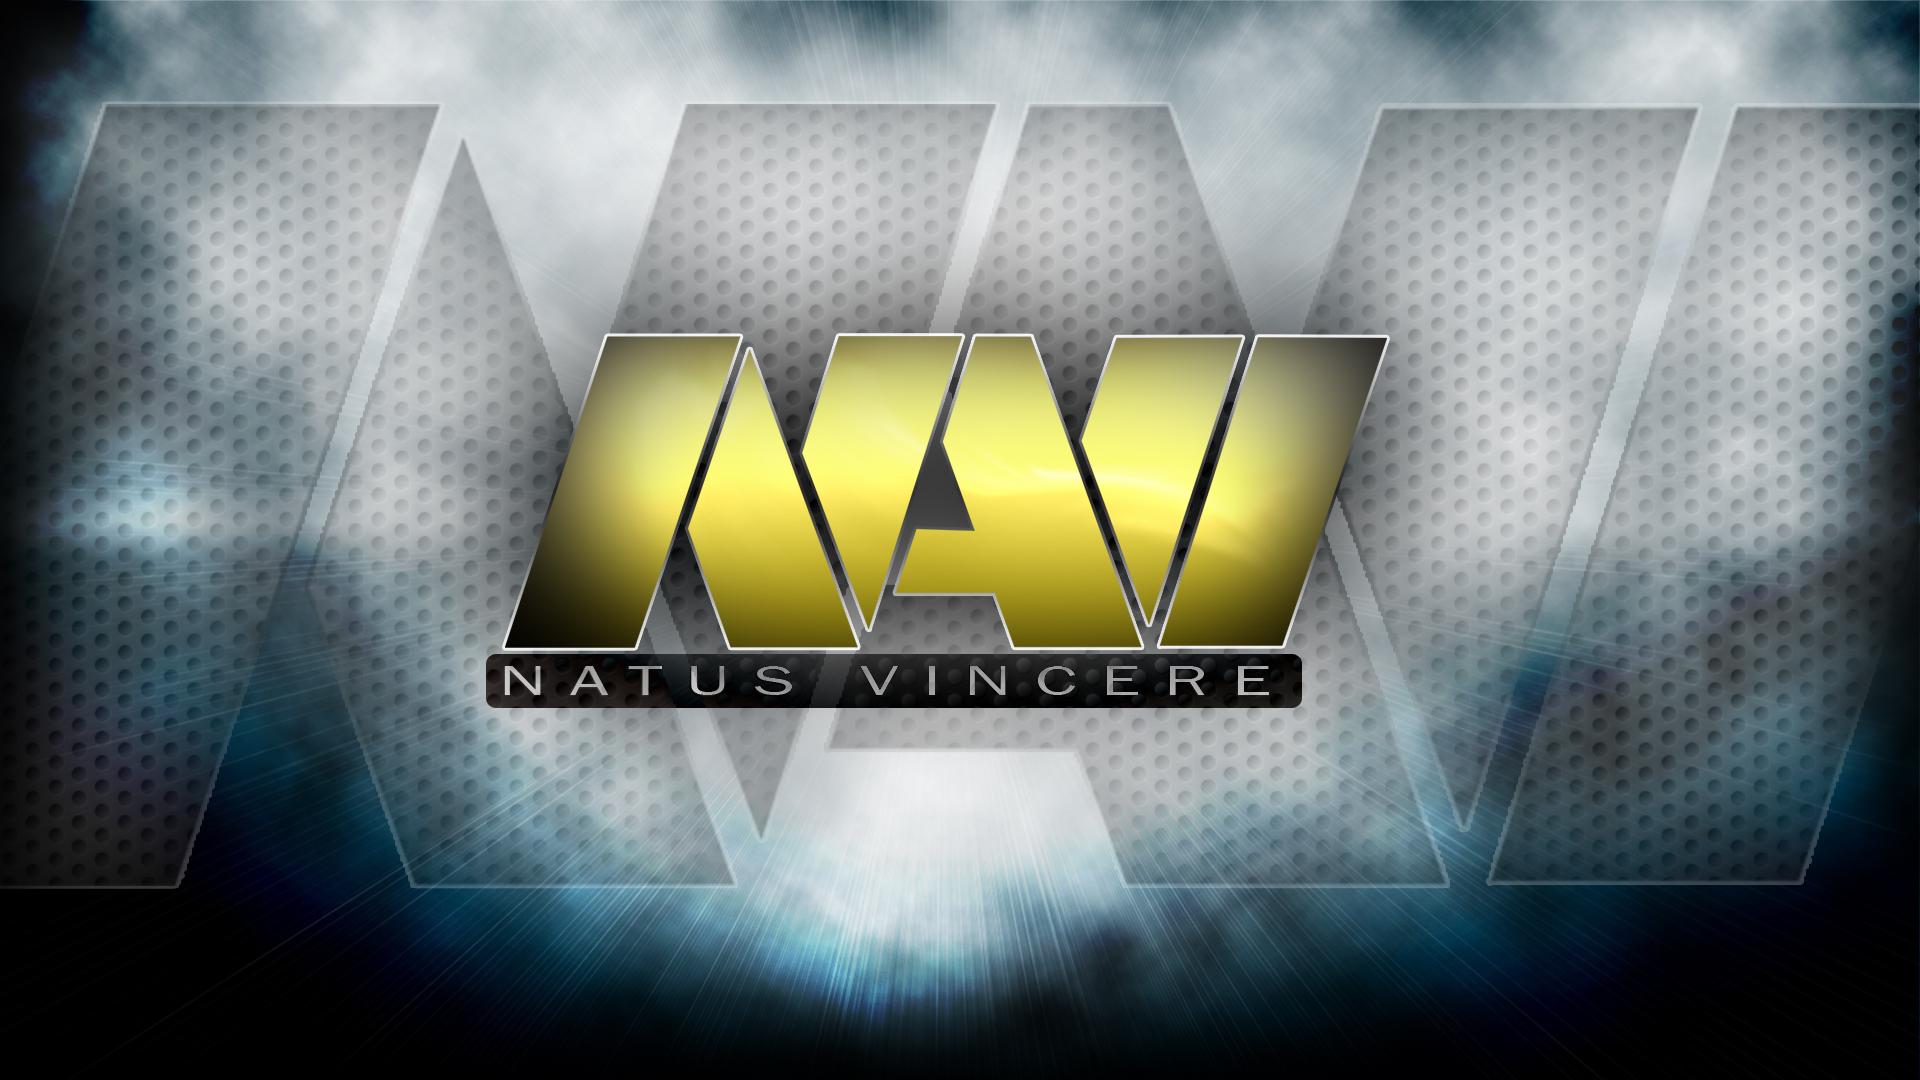 Официальный анонс нового состава Natus Vincere | Dota2.net